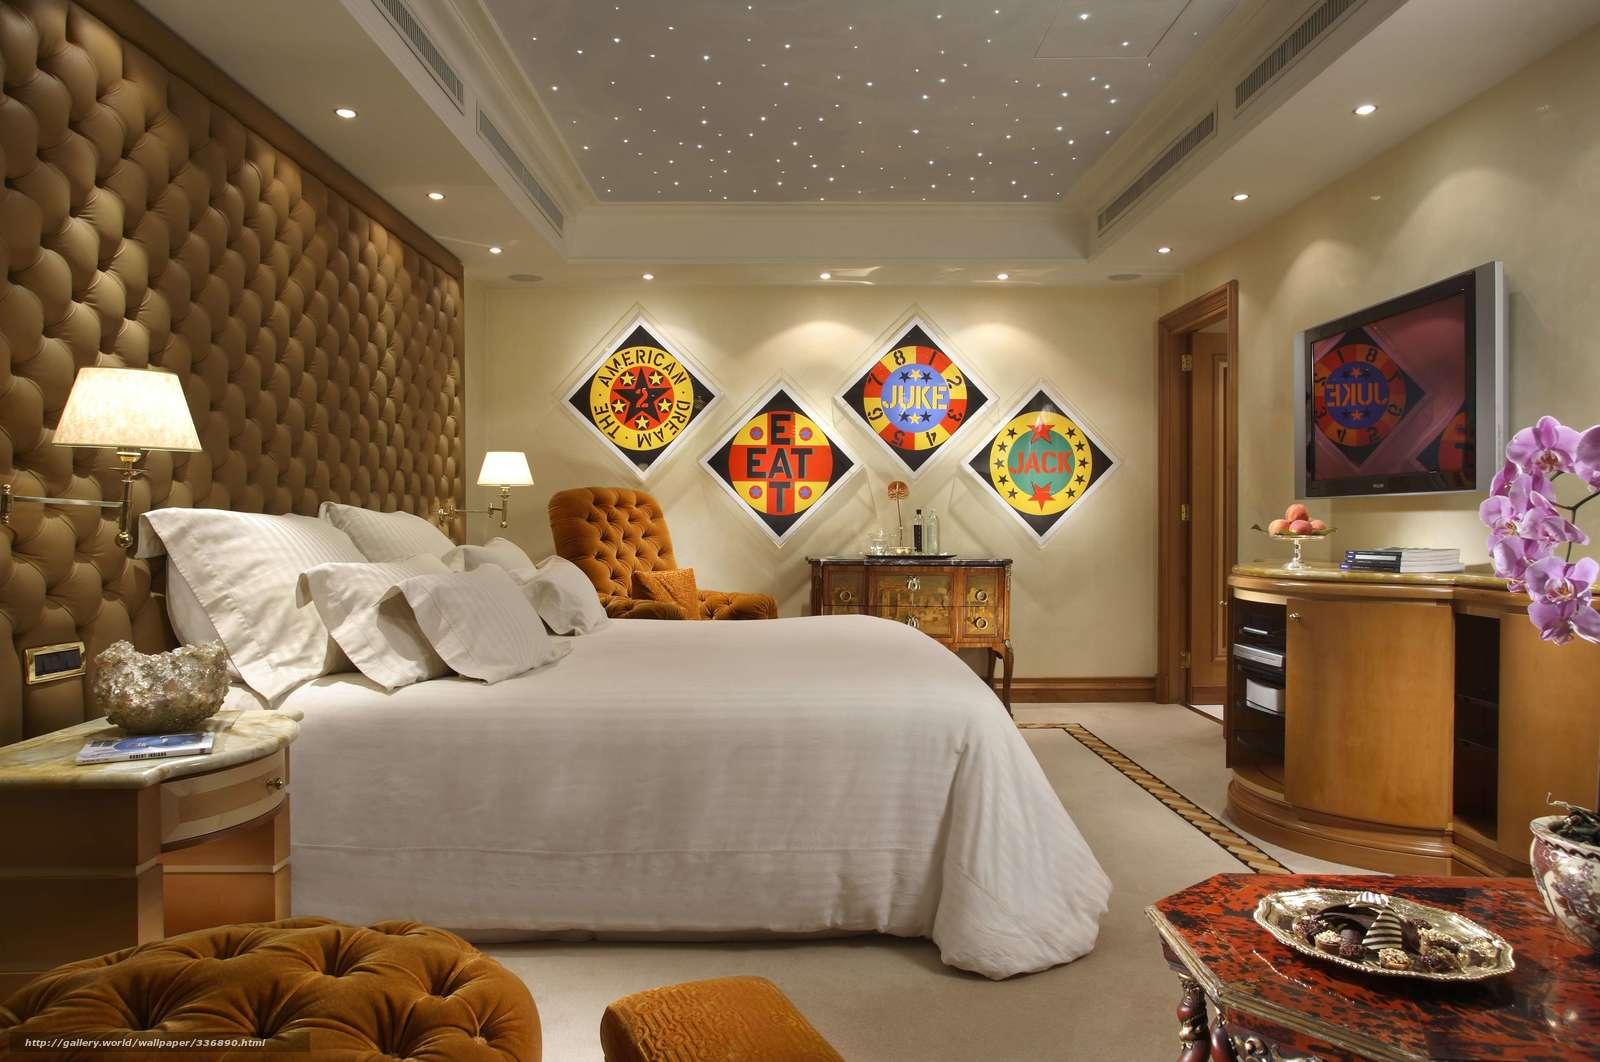 Download hintergrund wohnung, luxus, schlafzimmer, bild freie ...